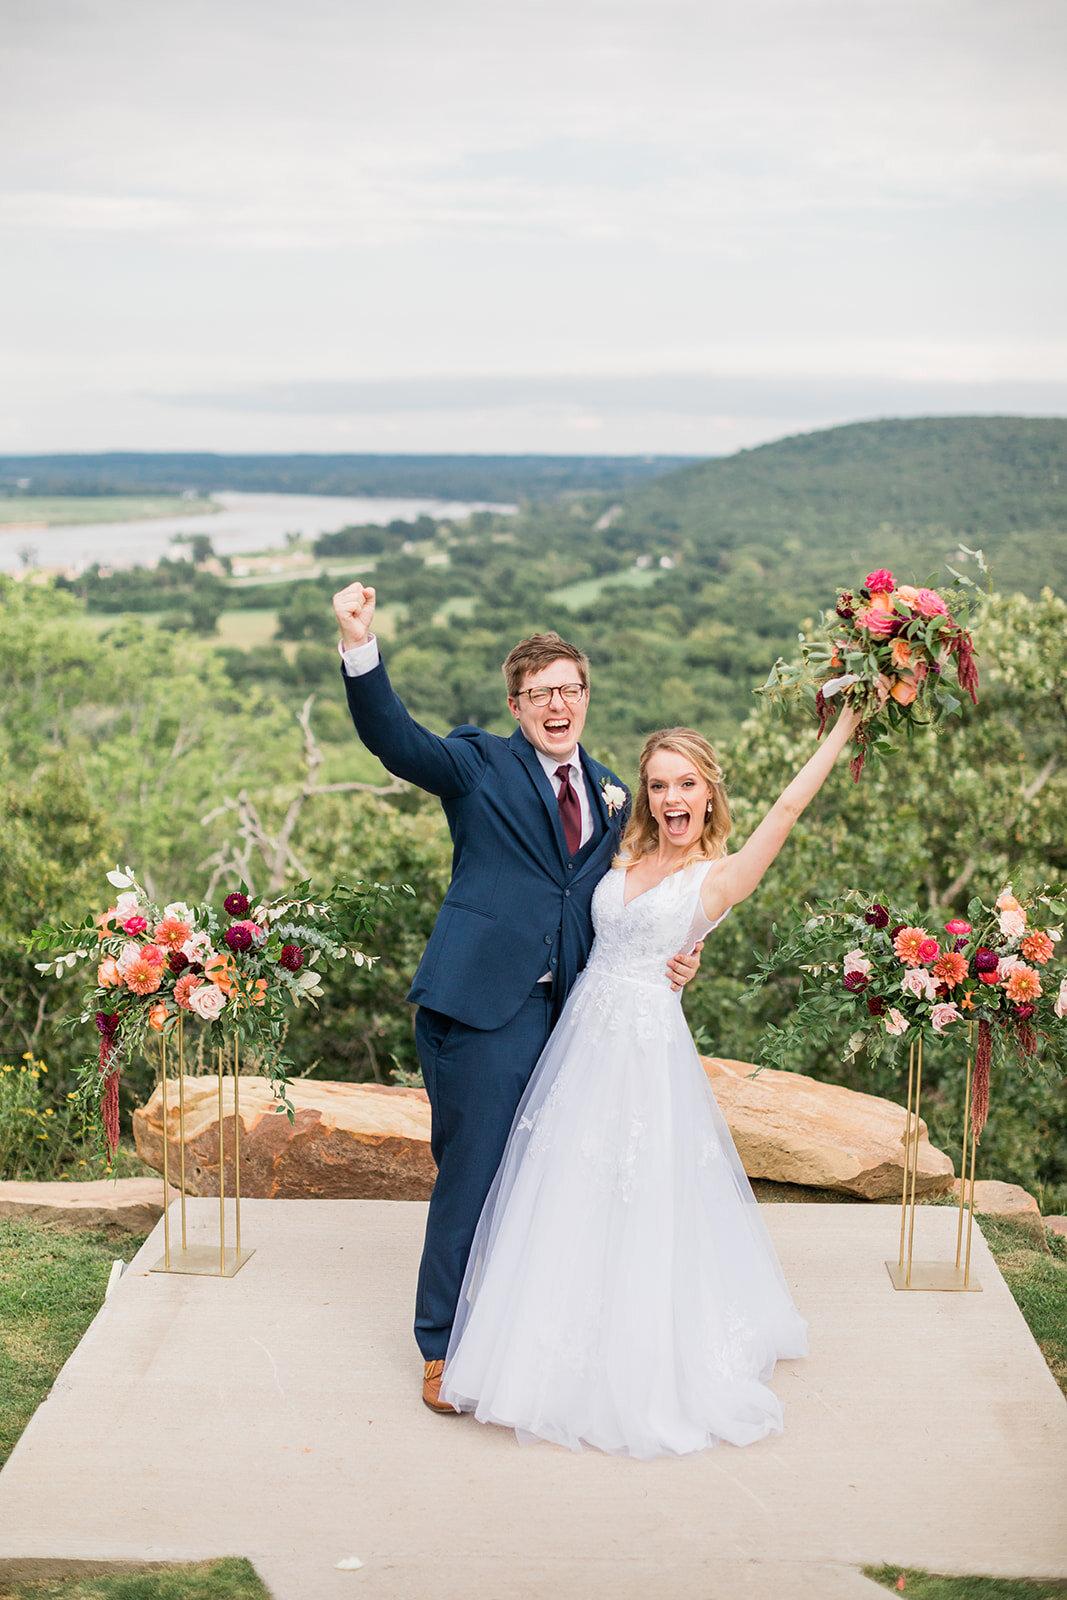 Tulsa Oklahoma Wedding Venues 73.jpg